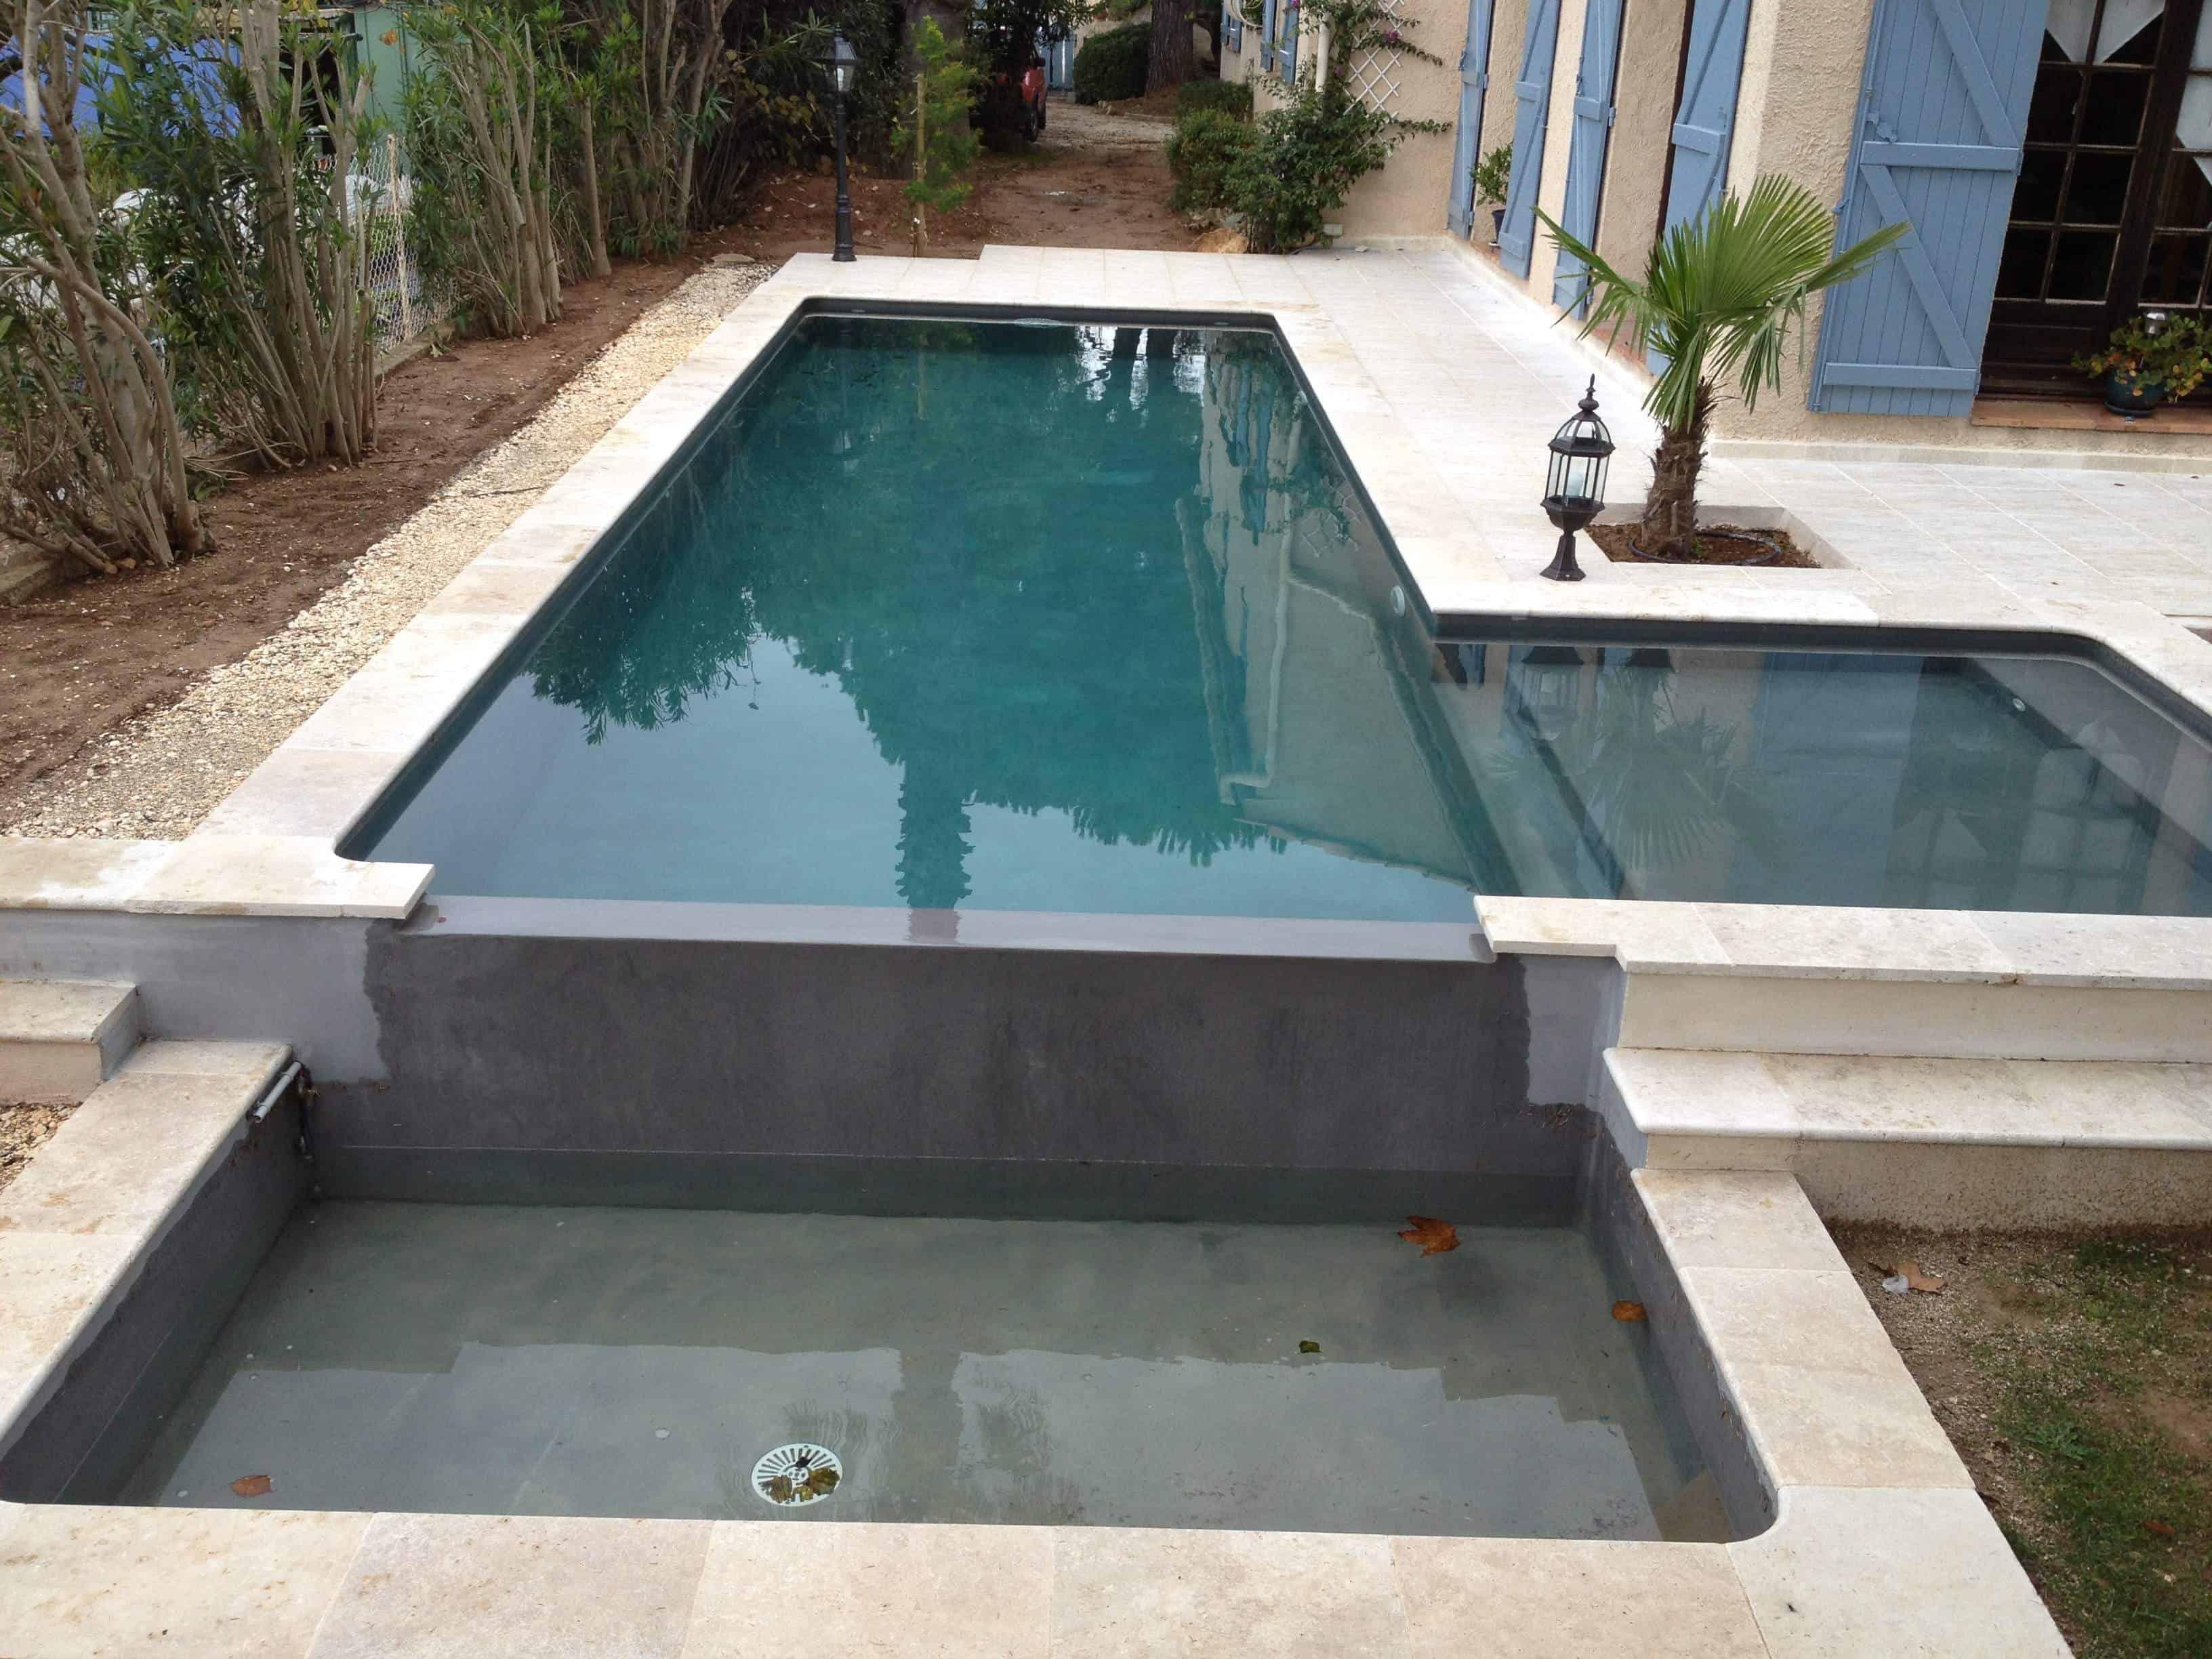 Prix D Un Couloir De Nage comment bien choisir sa future piscine à coque ? nos conseils